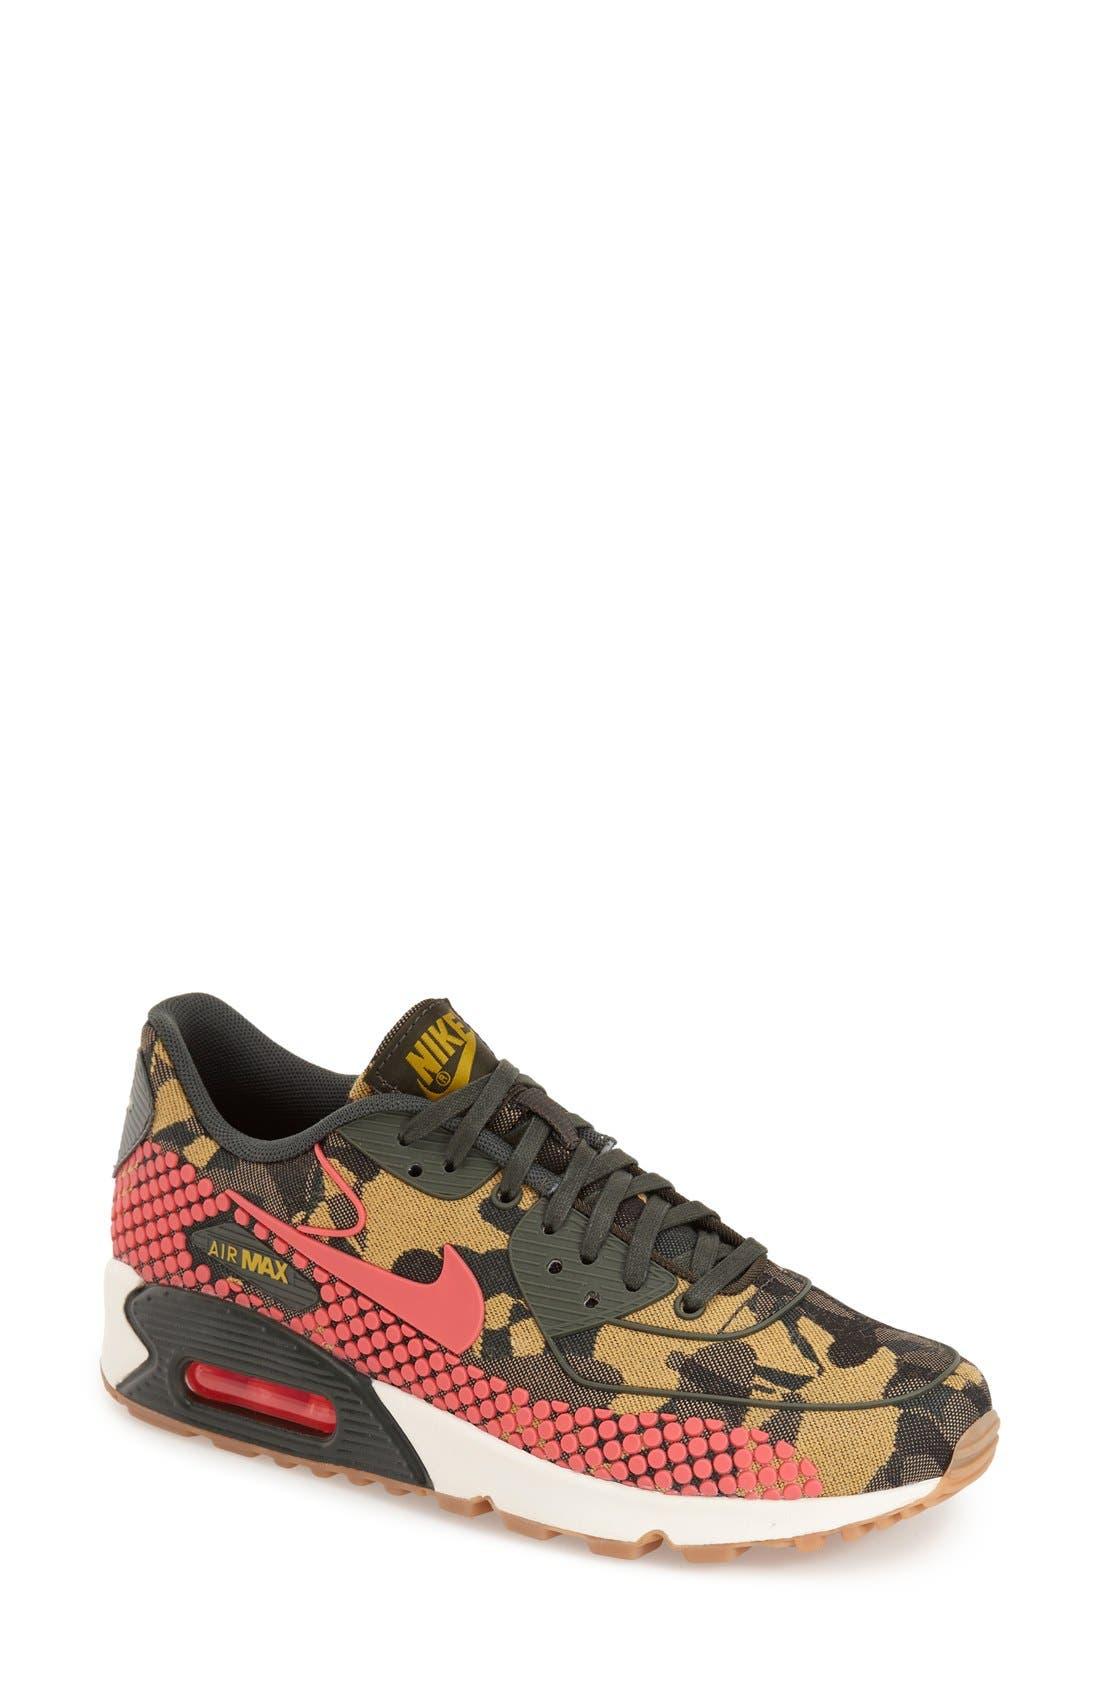 Alternate Image 1 Selected - Nike 'Air Max 90 Jacquard' Sneaker (Women)